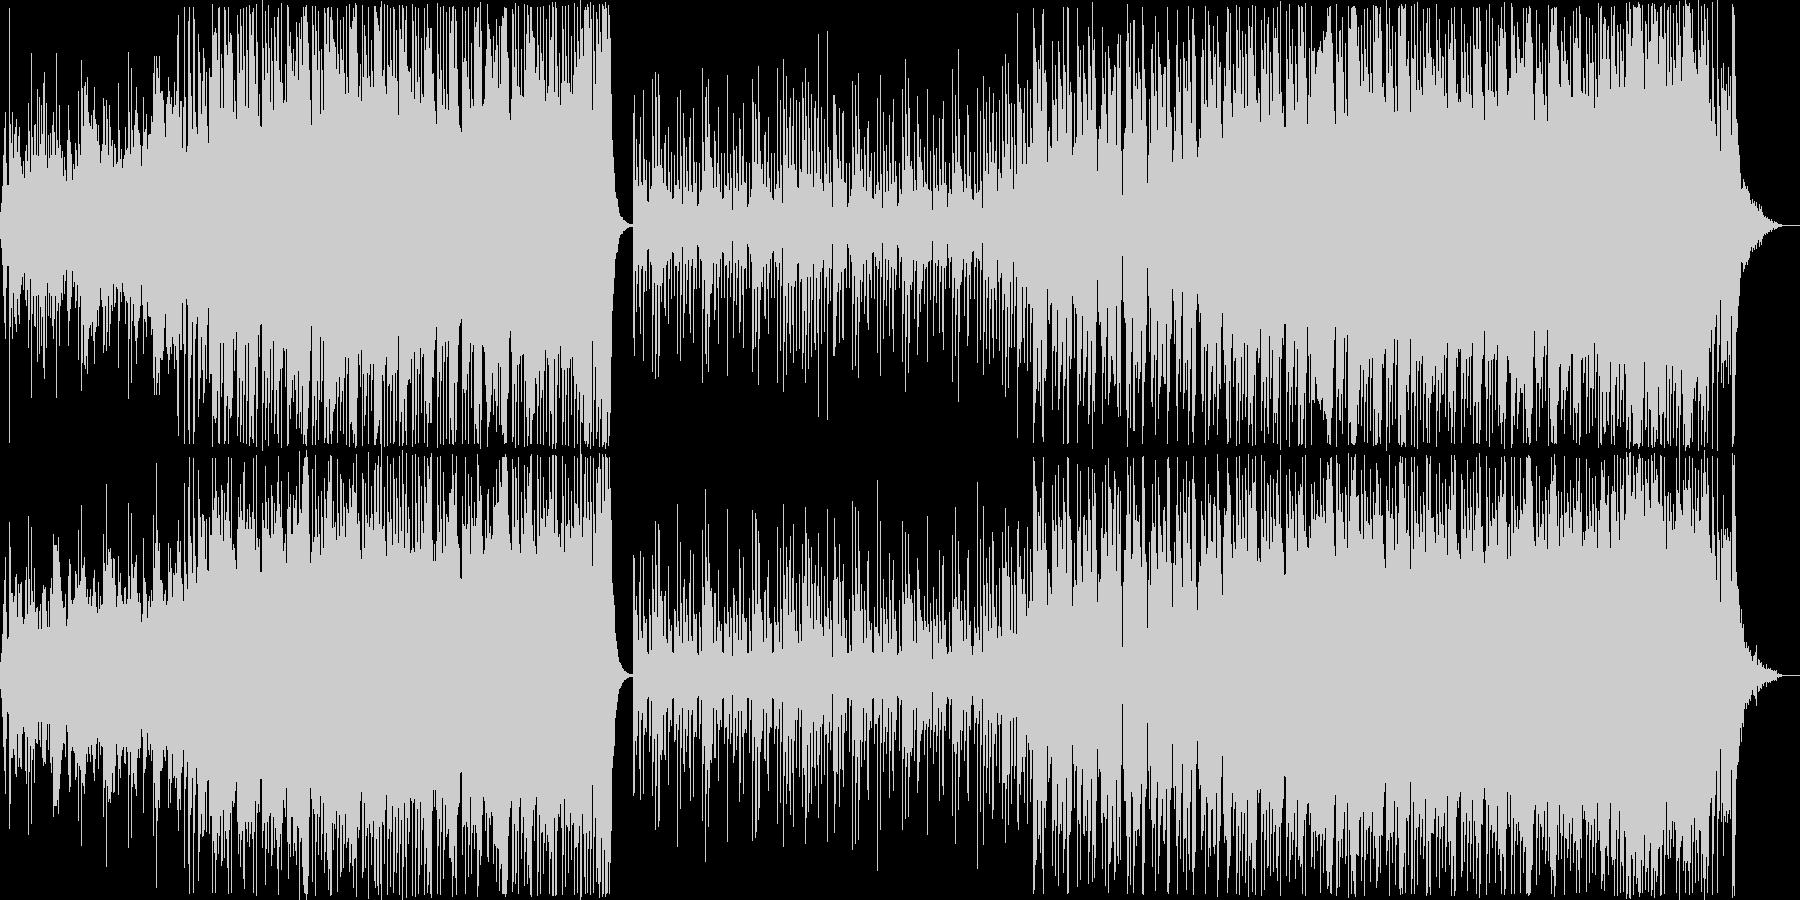 にぎやかでテンポがよい4つ打ち和風曲の未再生の波形